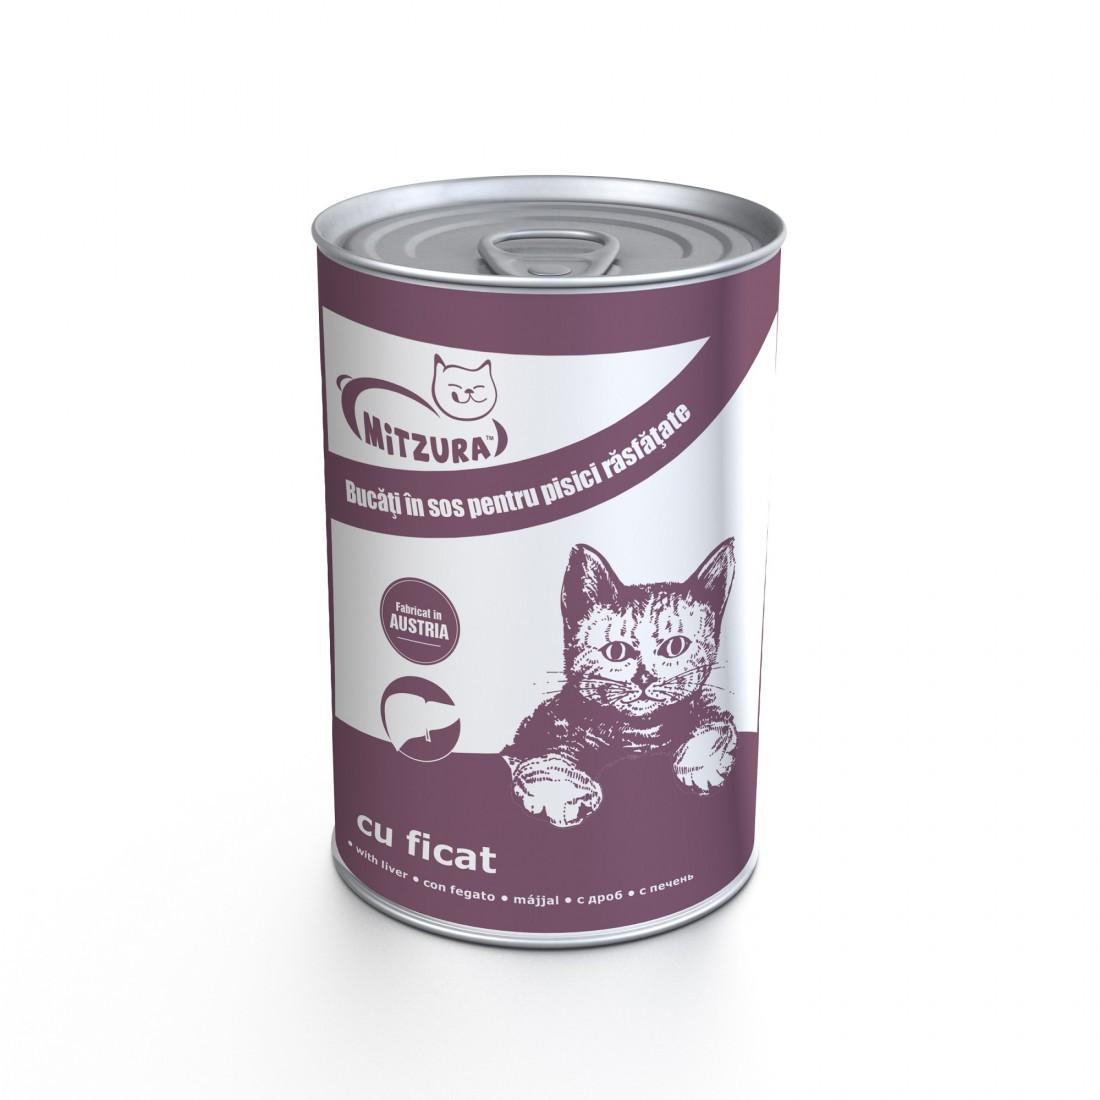 Mitzura Cat Cons Ficat, 415 G imagine